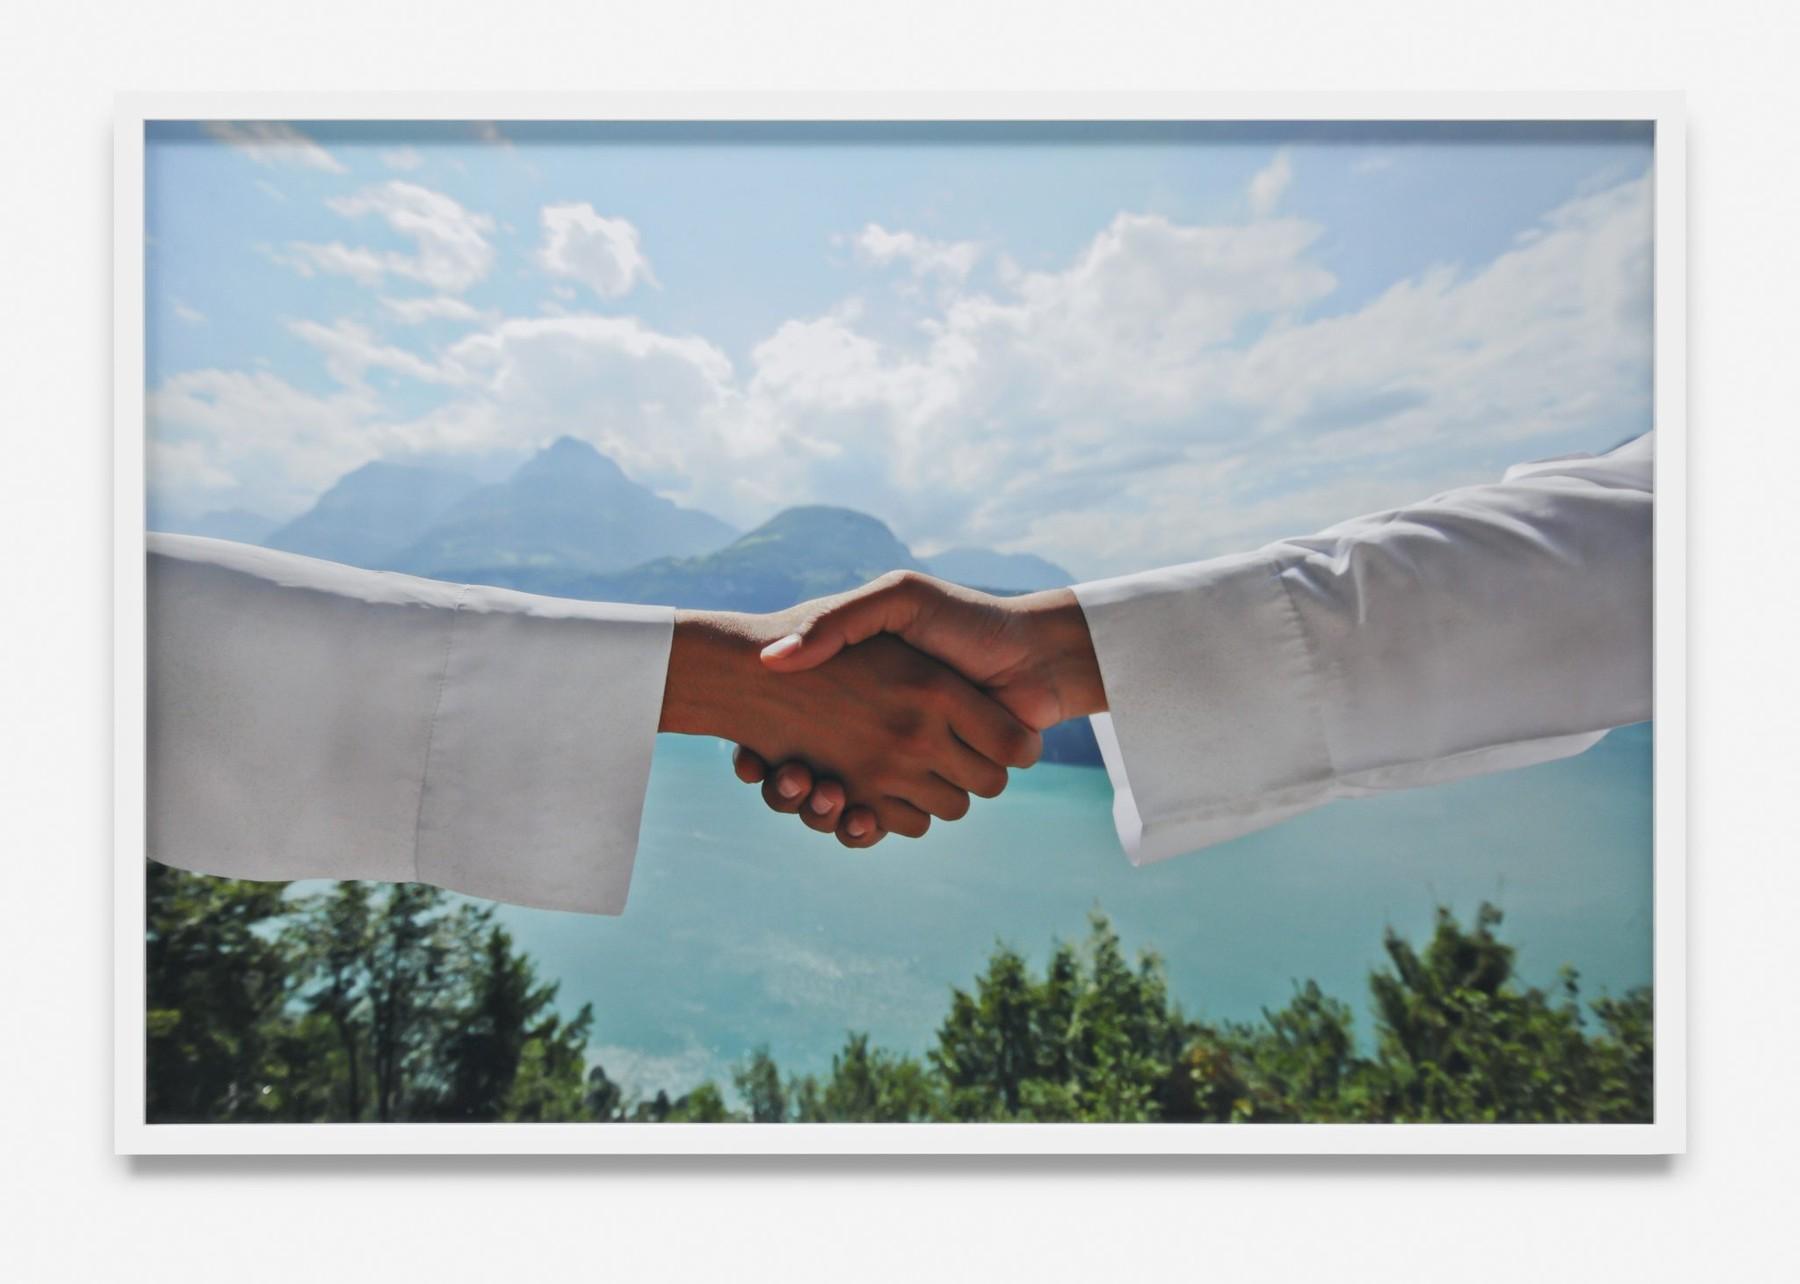 GCC_Inaugural_Summit__Morschach_2013_1-2048x1461.jpeg